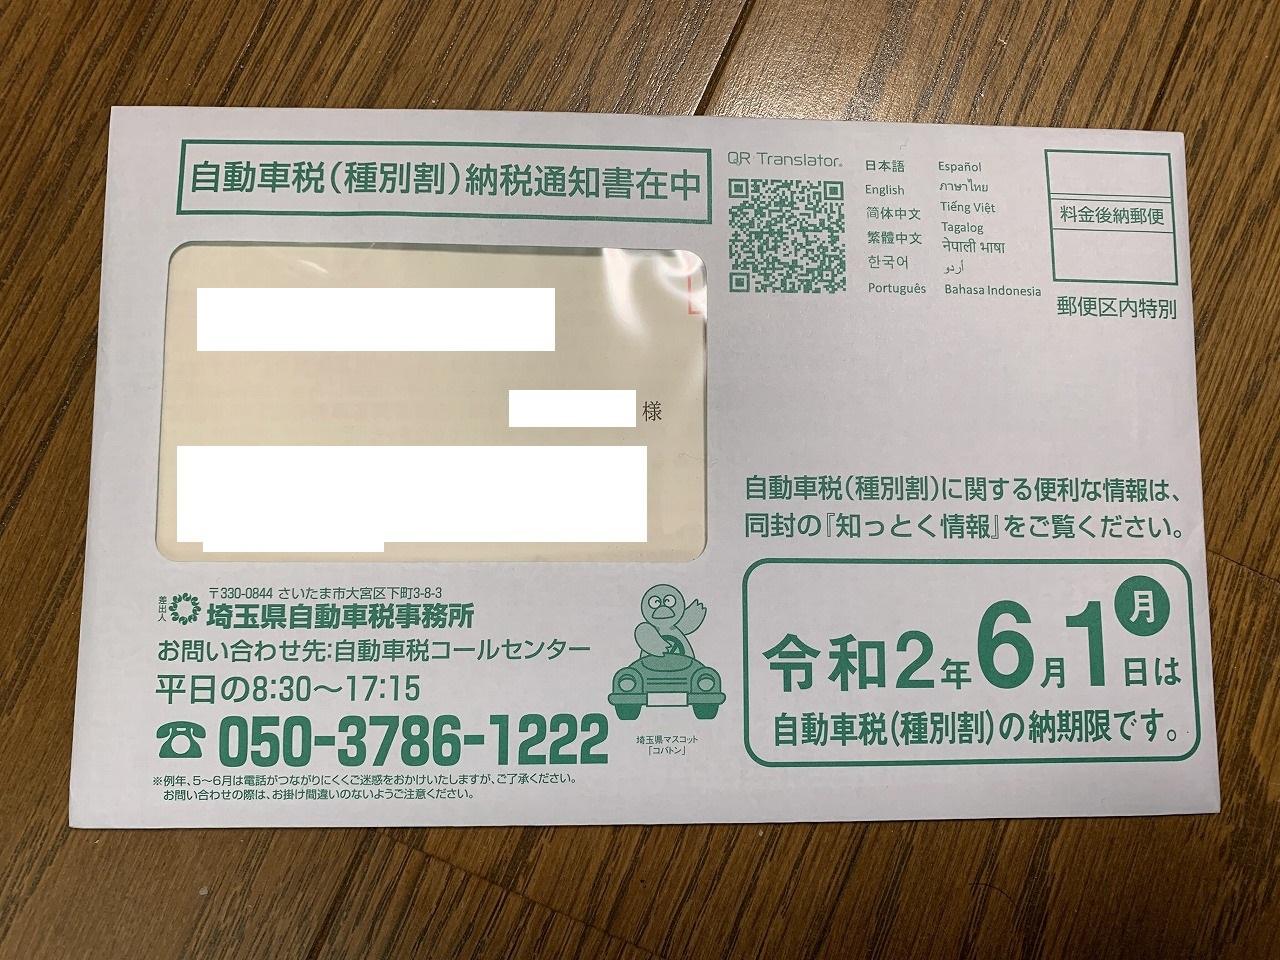 ☑【Blog New Post!】愛車BMW5シリーズツーリングの自動車税納税通知書がようやく届きました^^;サブカーと2台で合計金額は?